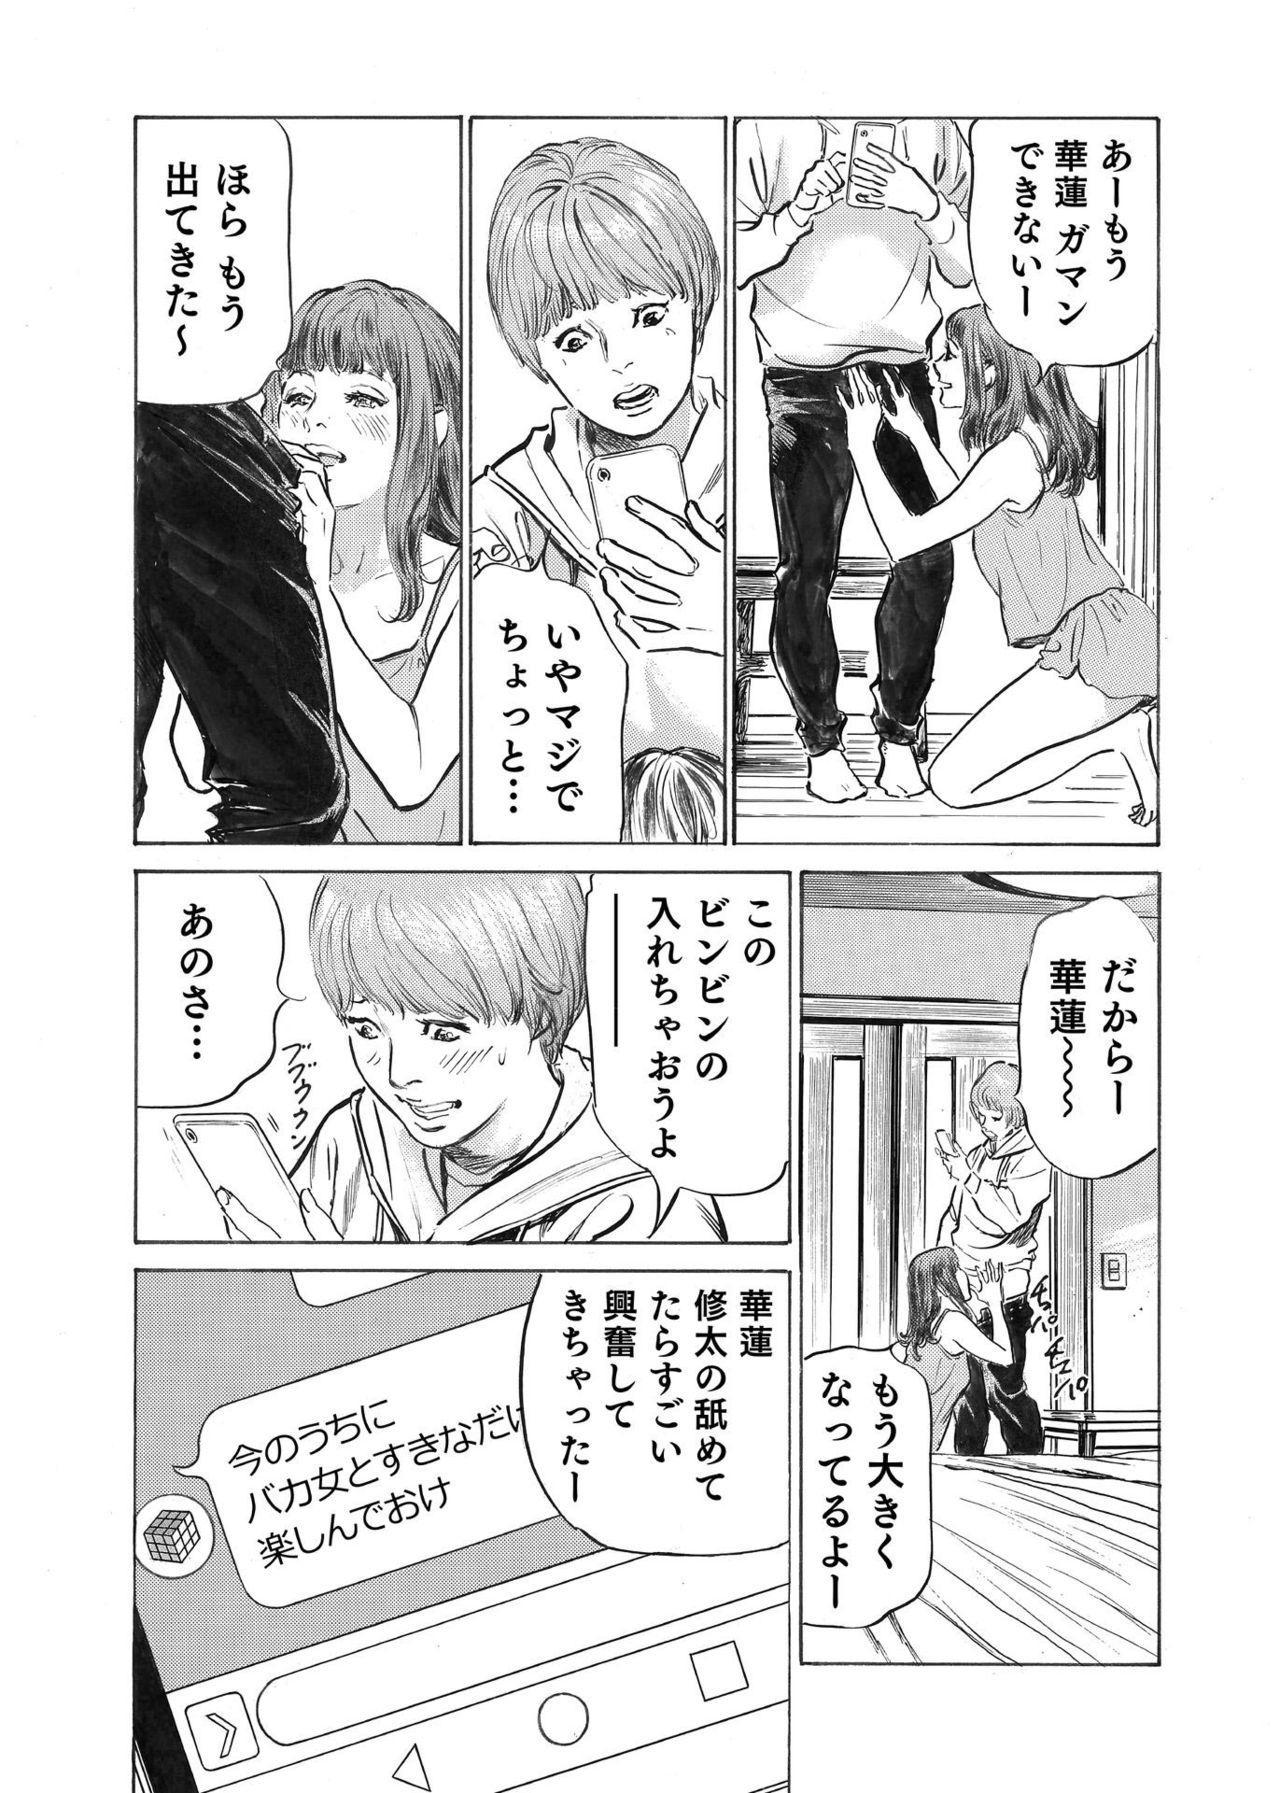 Ore wa Tsuma no Koto o Yoku Shiranai 1-9 145